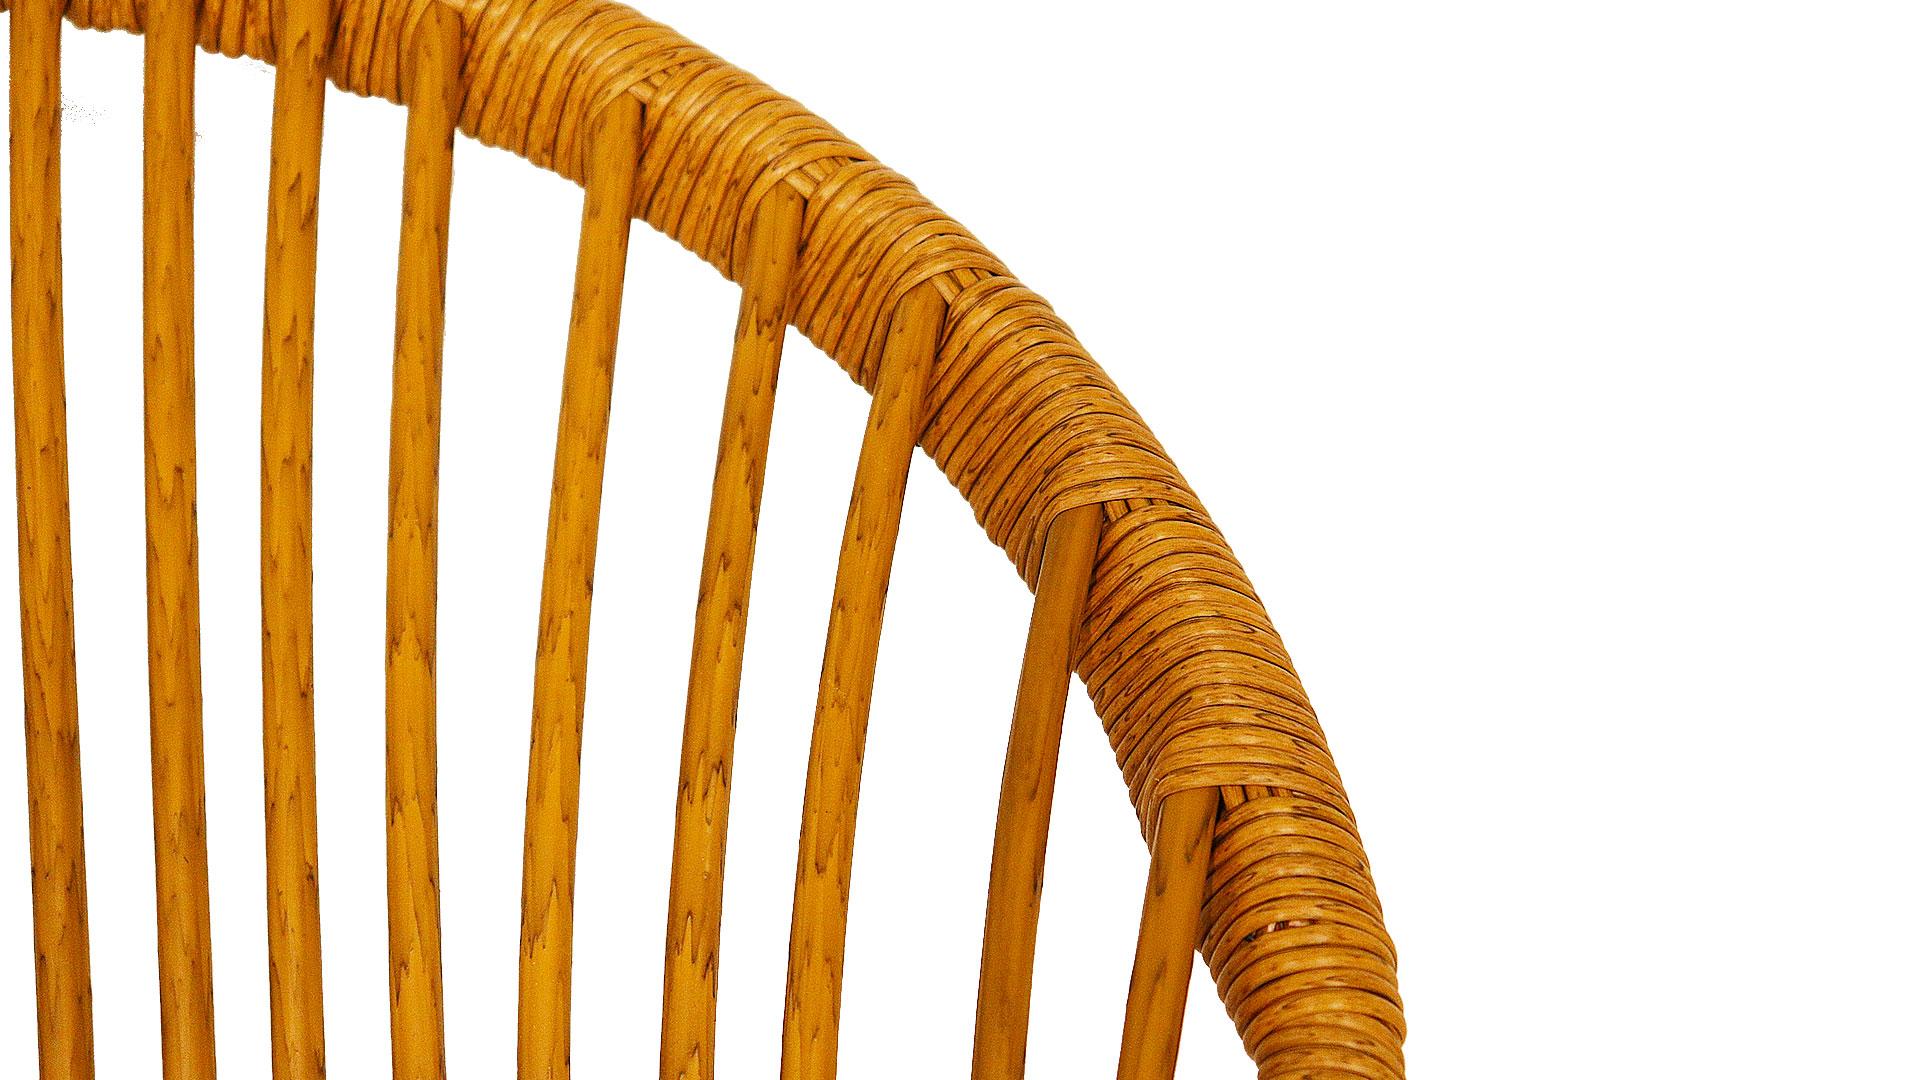 東馬のガーデンファニチャー。オーバルチェア、リゾネアの外用の椅子の素材のアップの画像